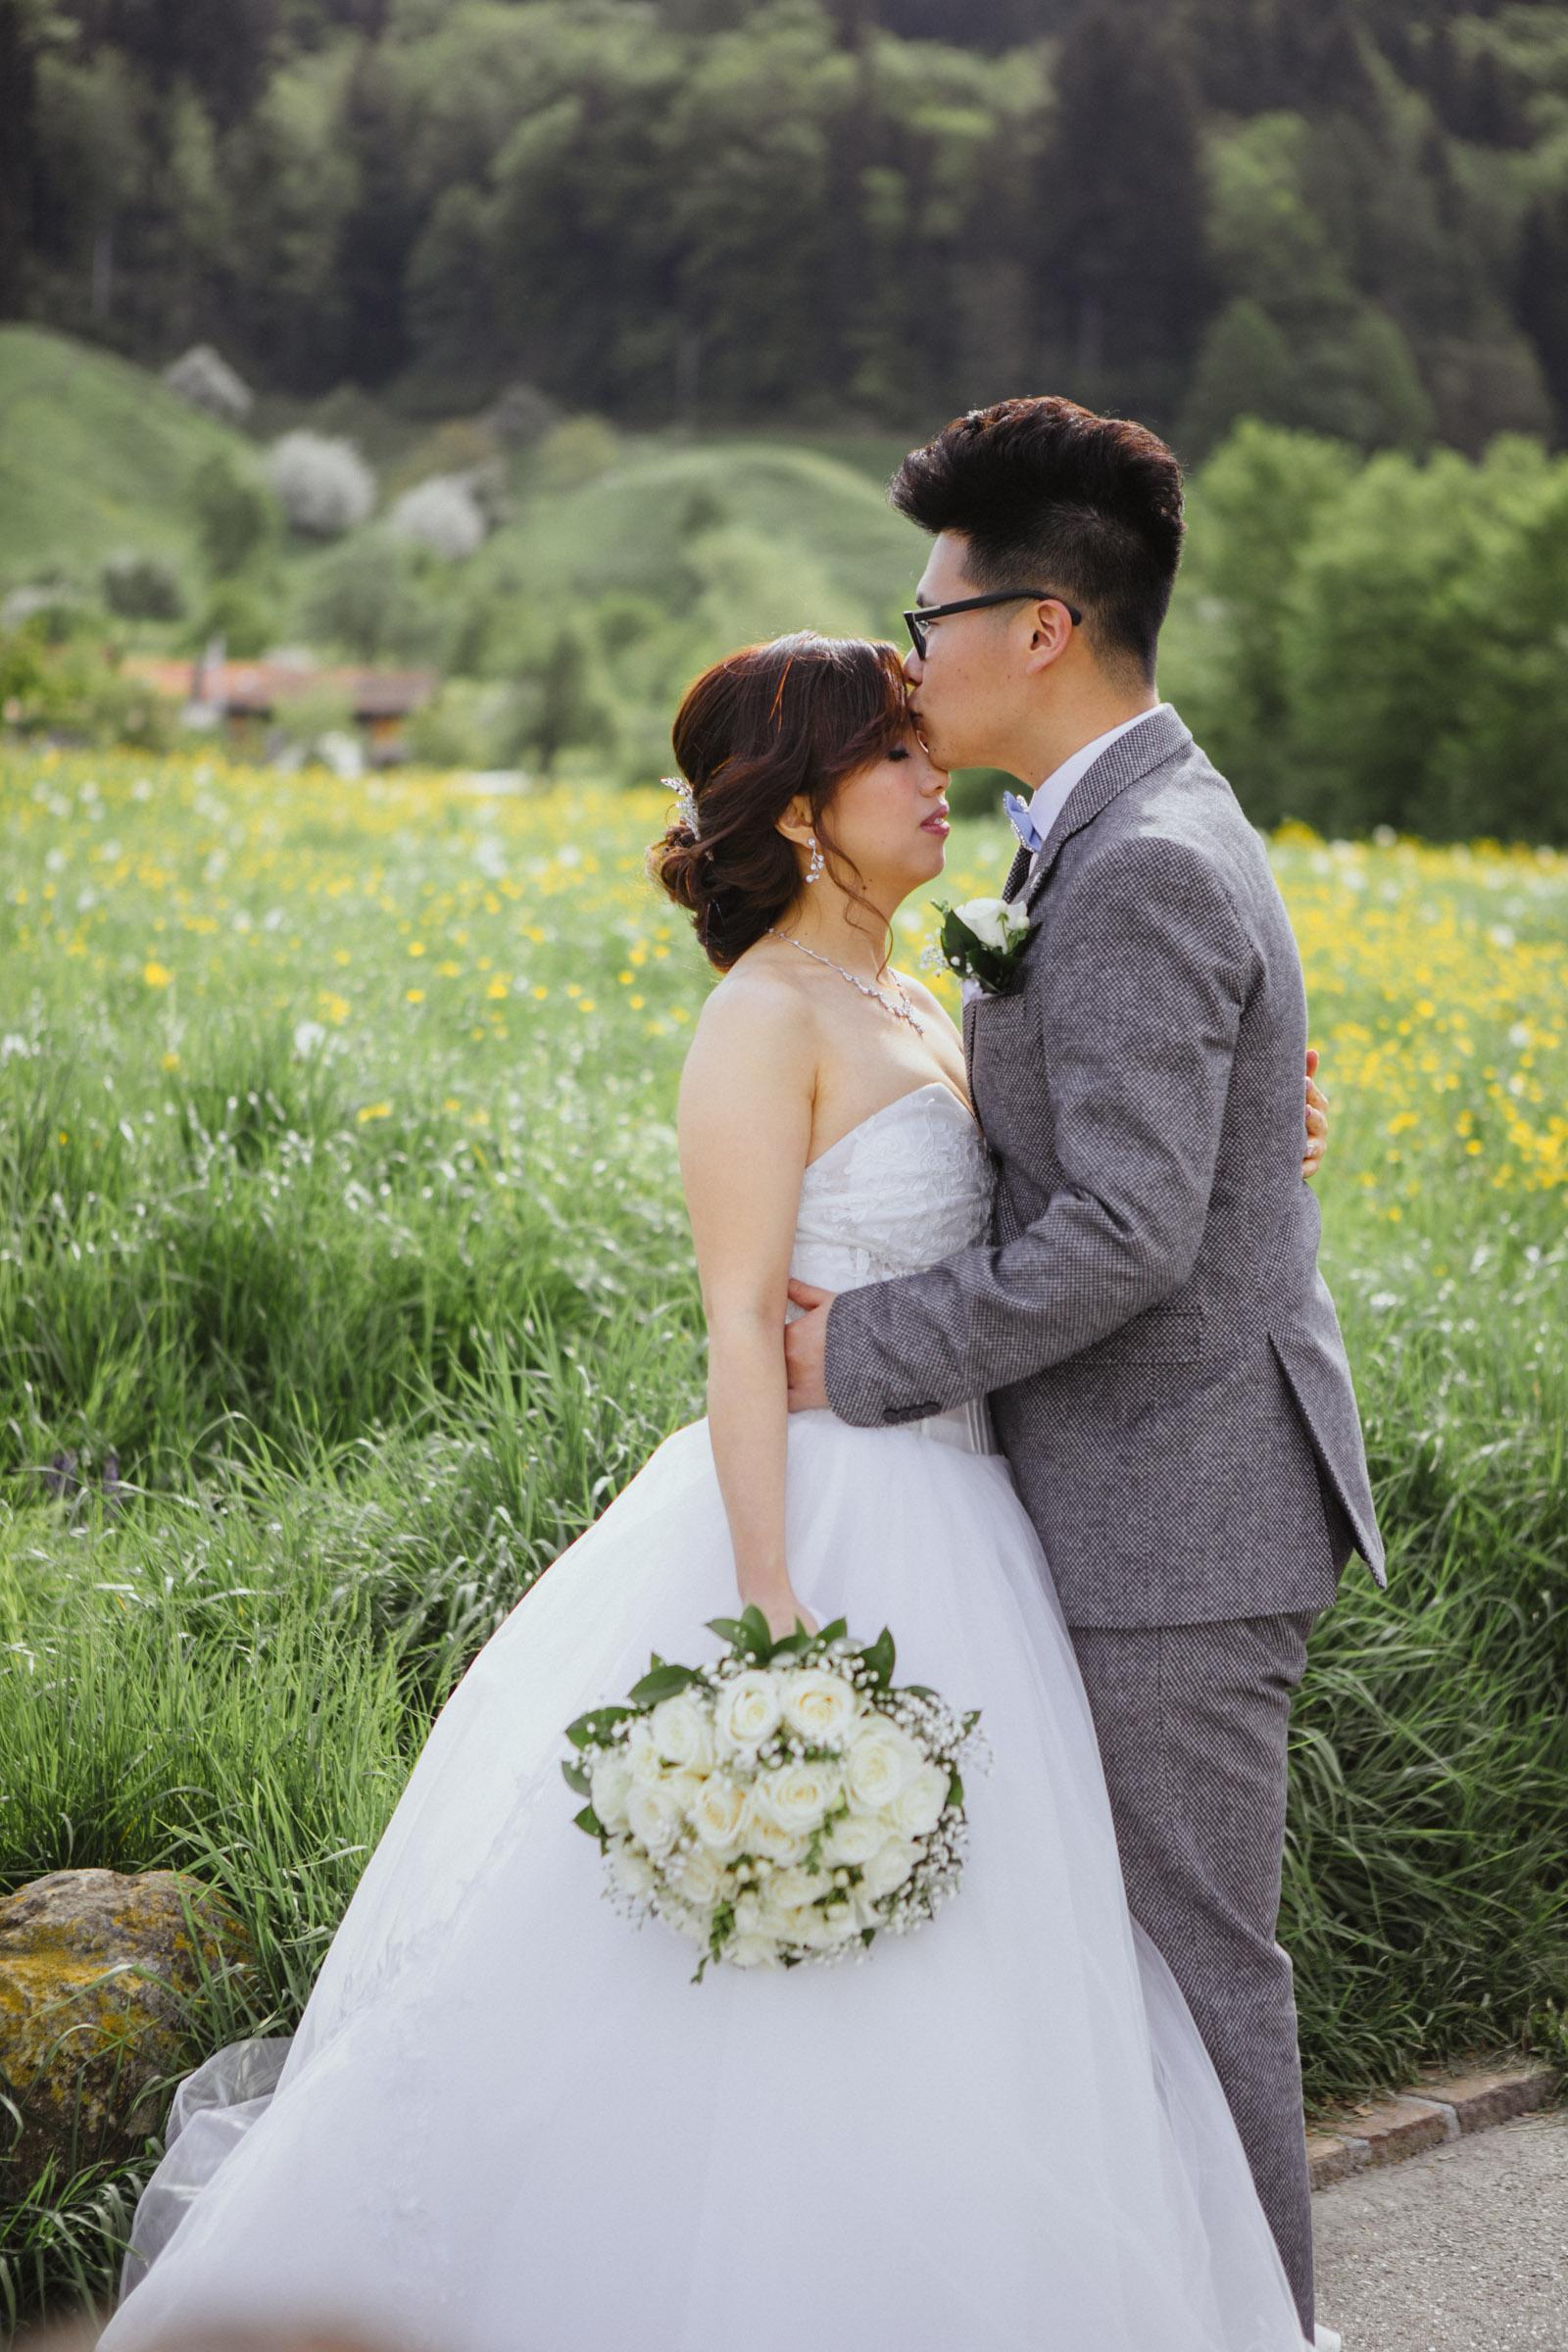 Bräutigam küsst Braut auf Stirn vor grüner Wiese in der Umgebung Zug